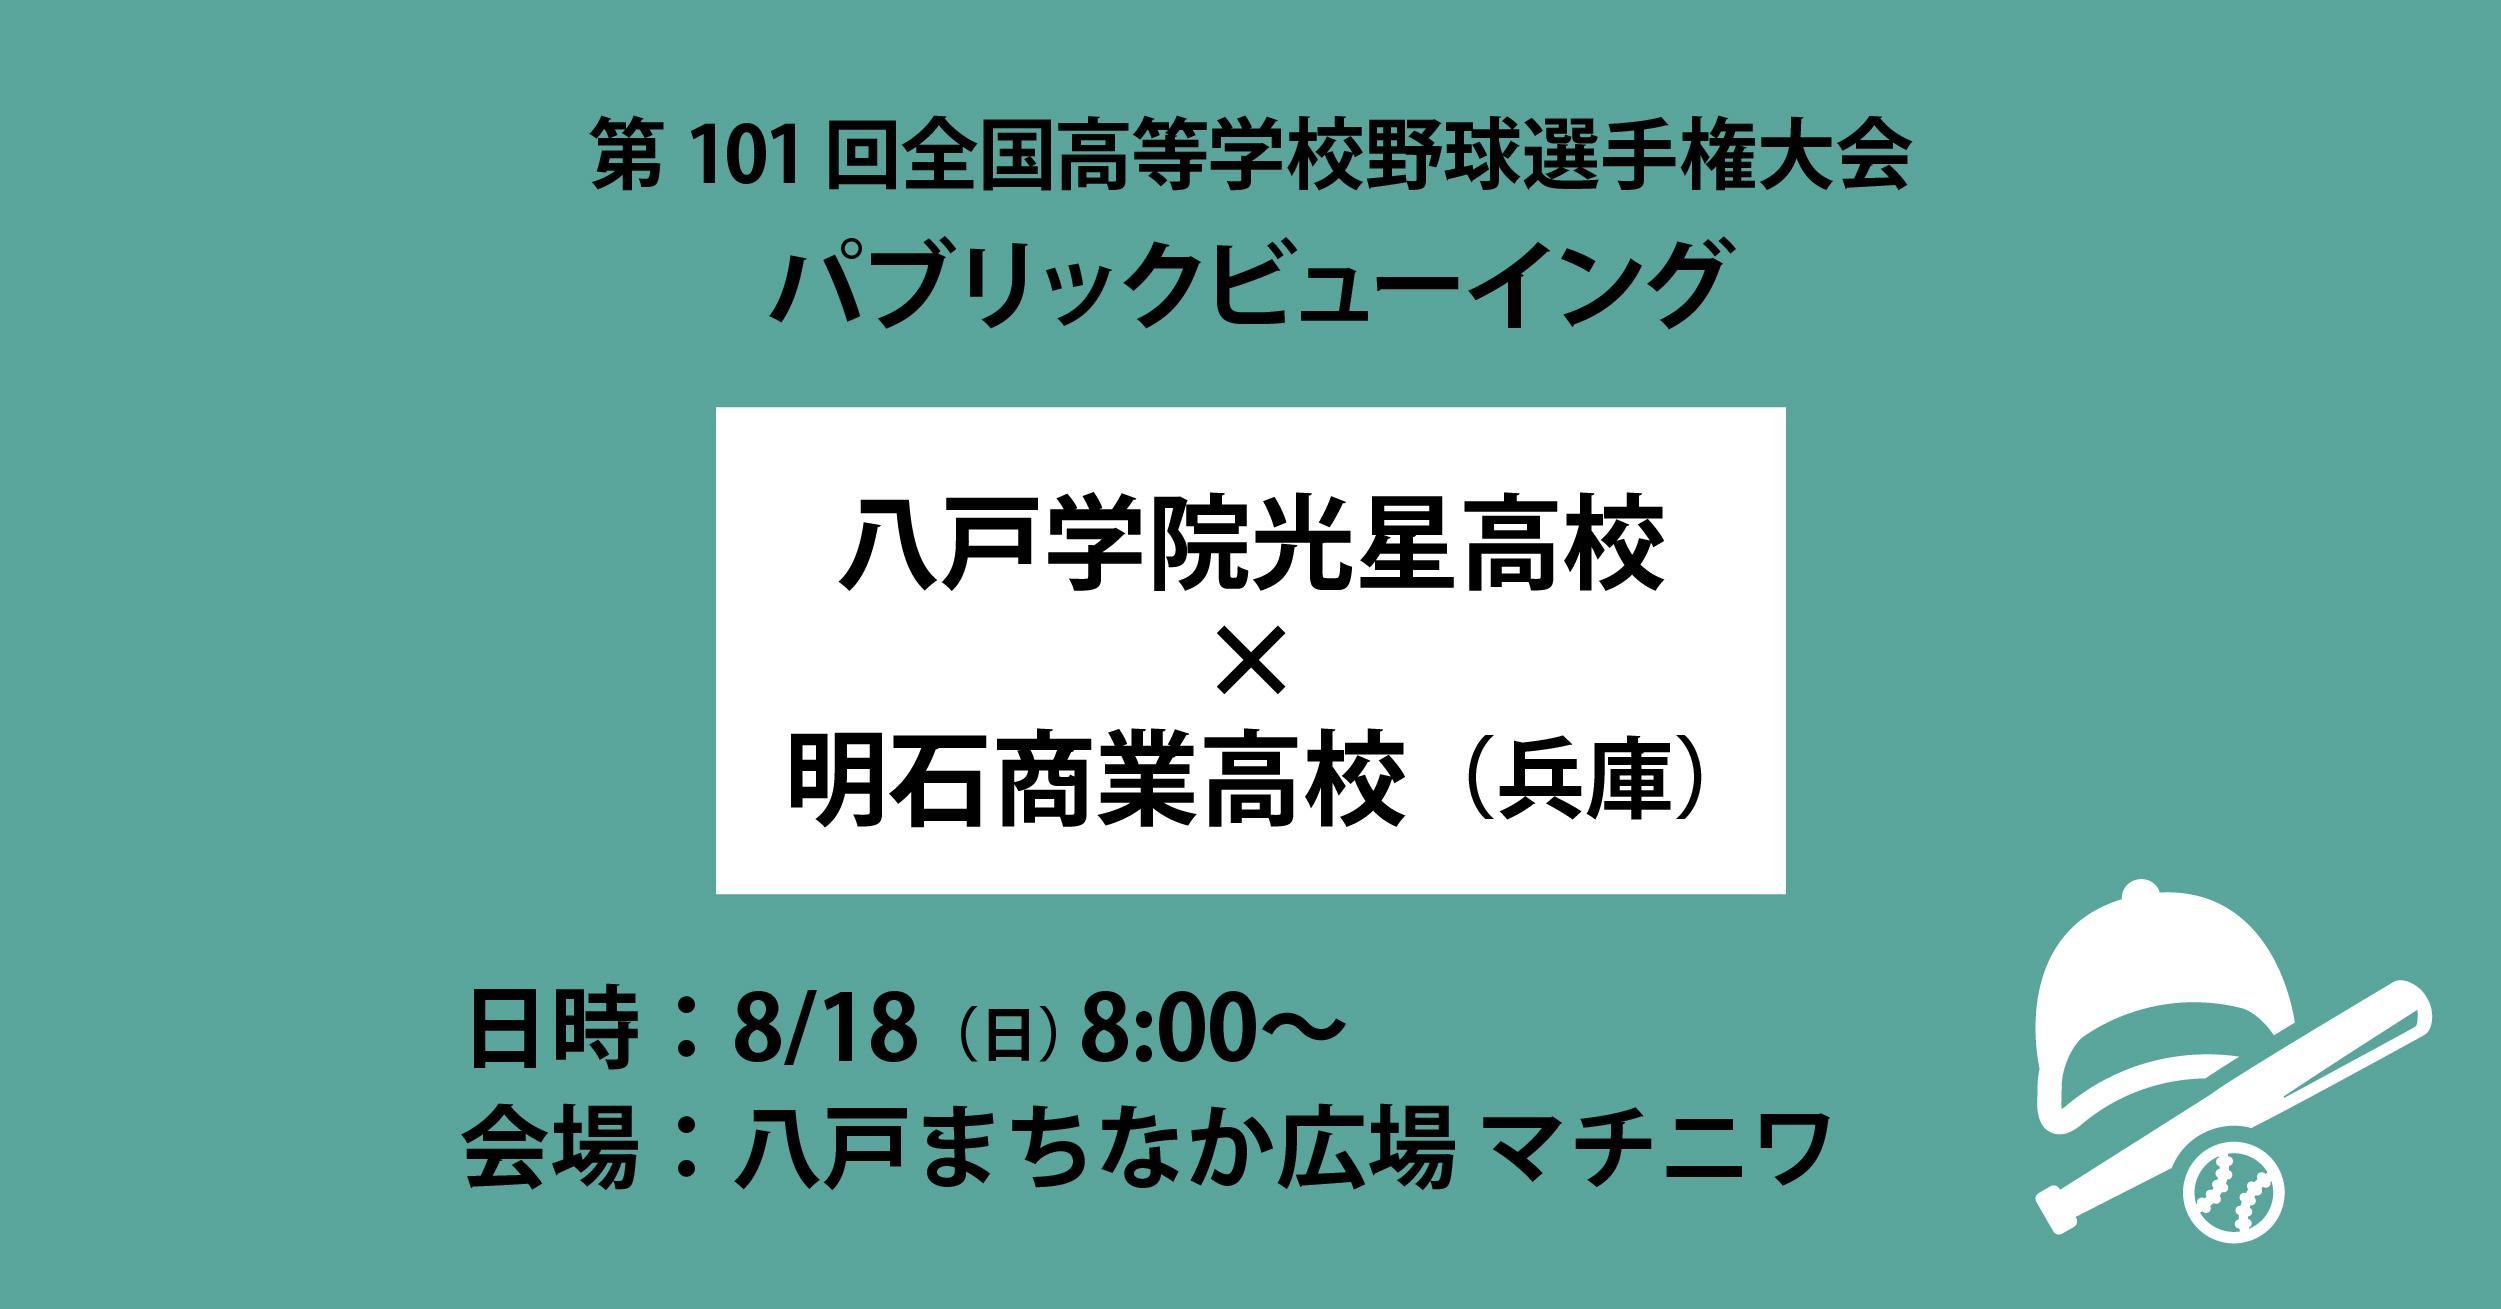 FB用バナー4回戦-01.jpg